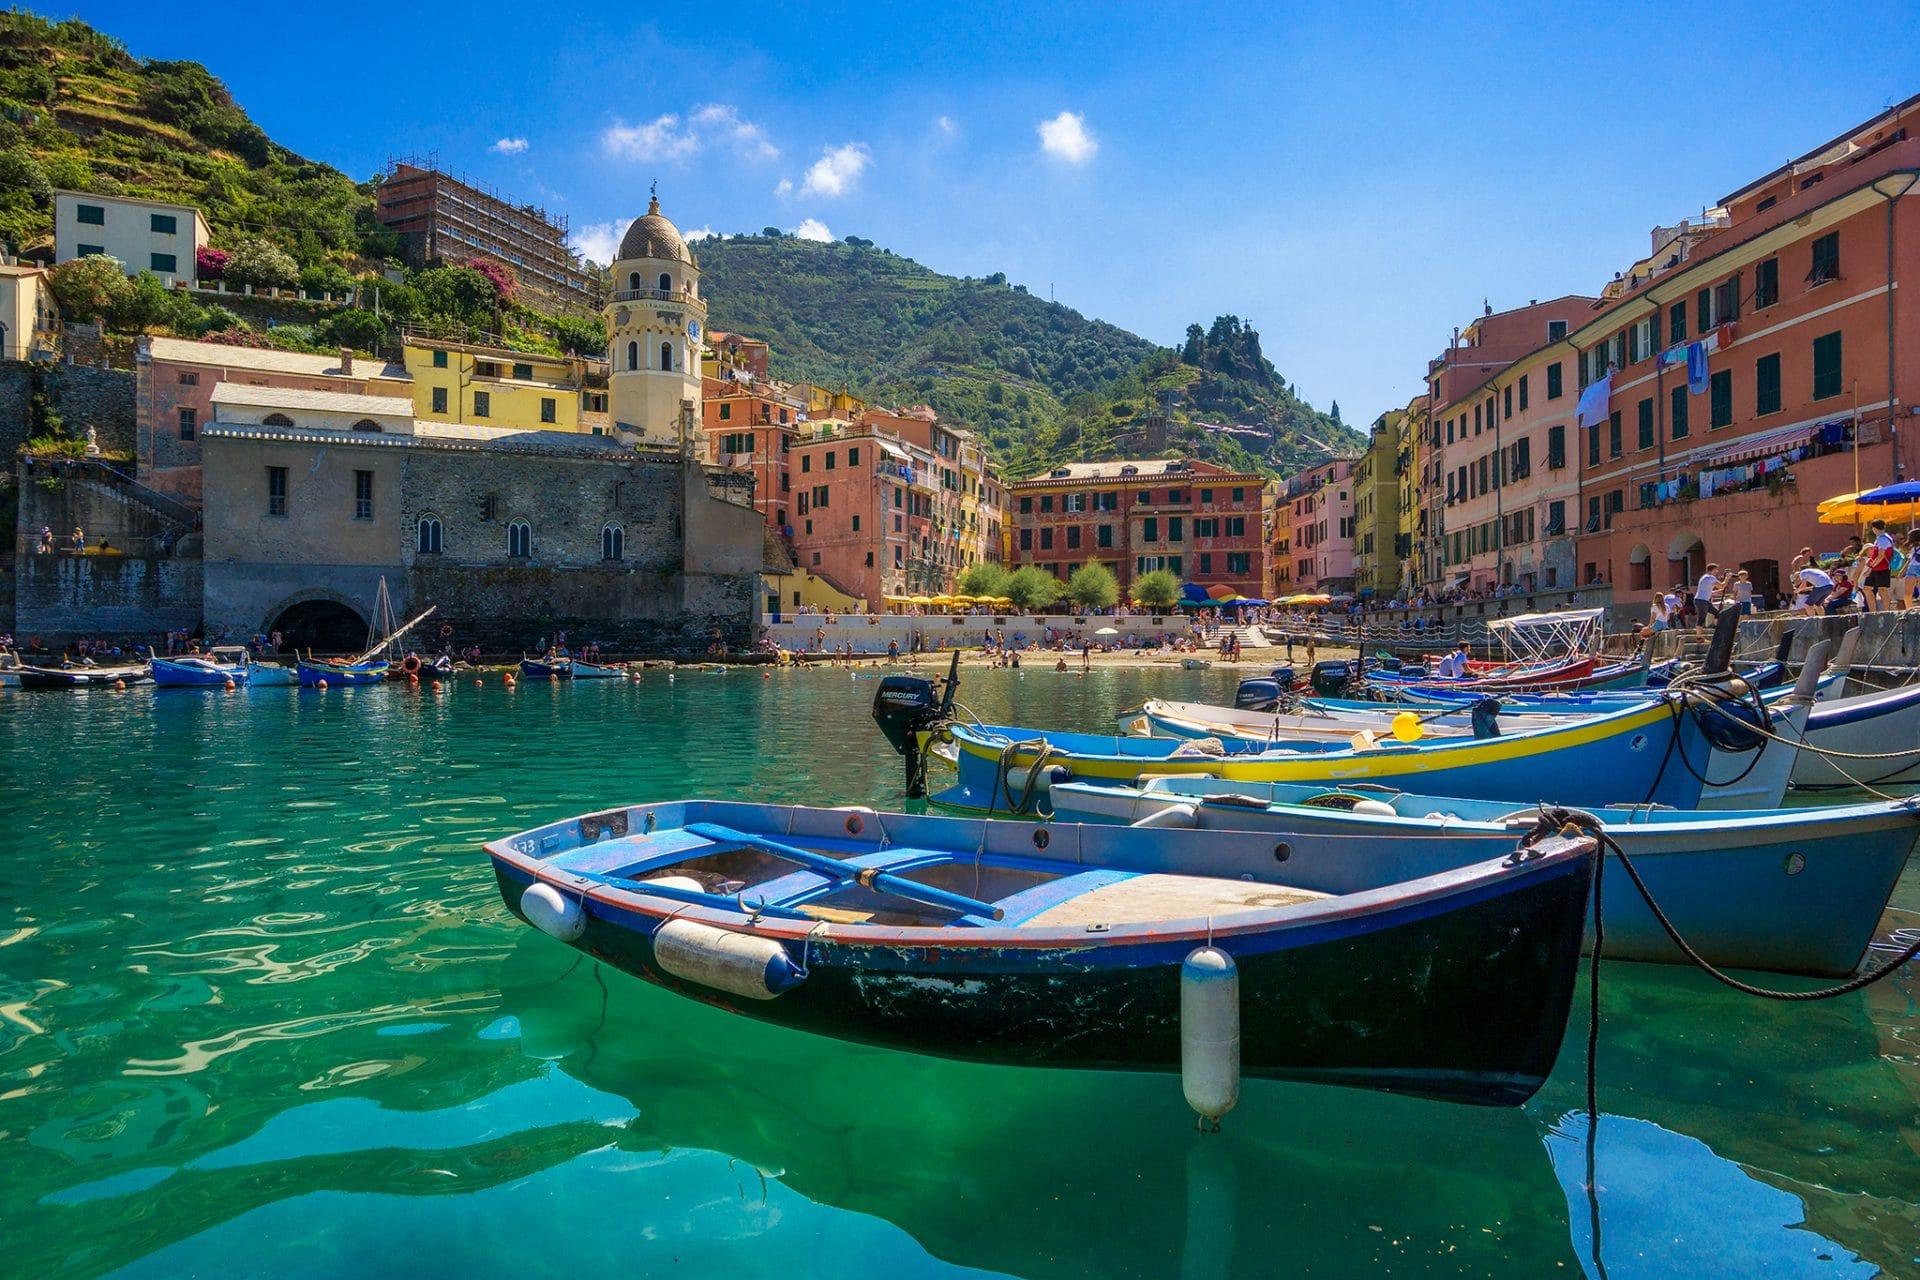 Blick auf Vernazza vom Hafen aus.